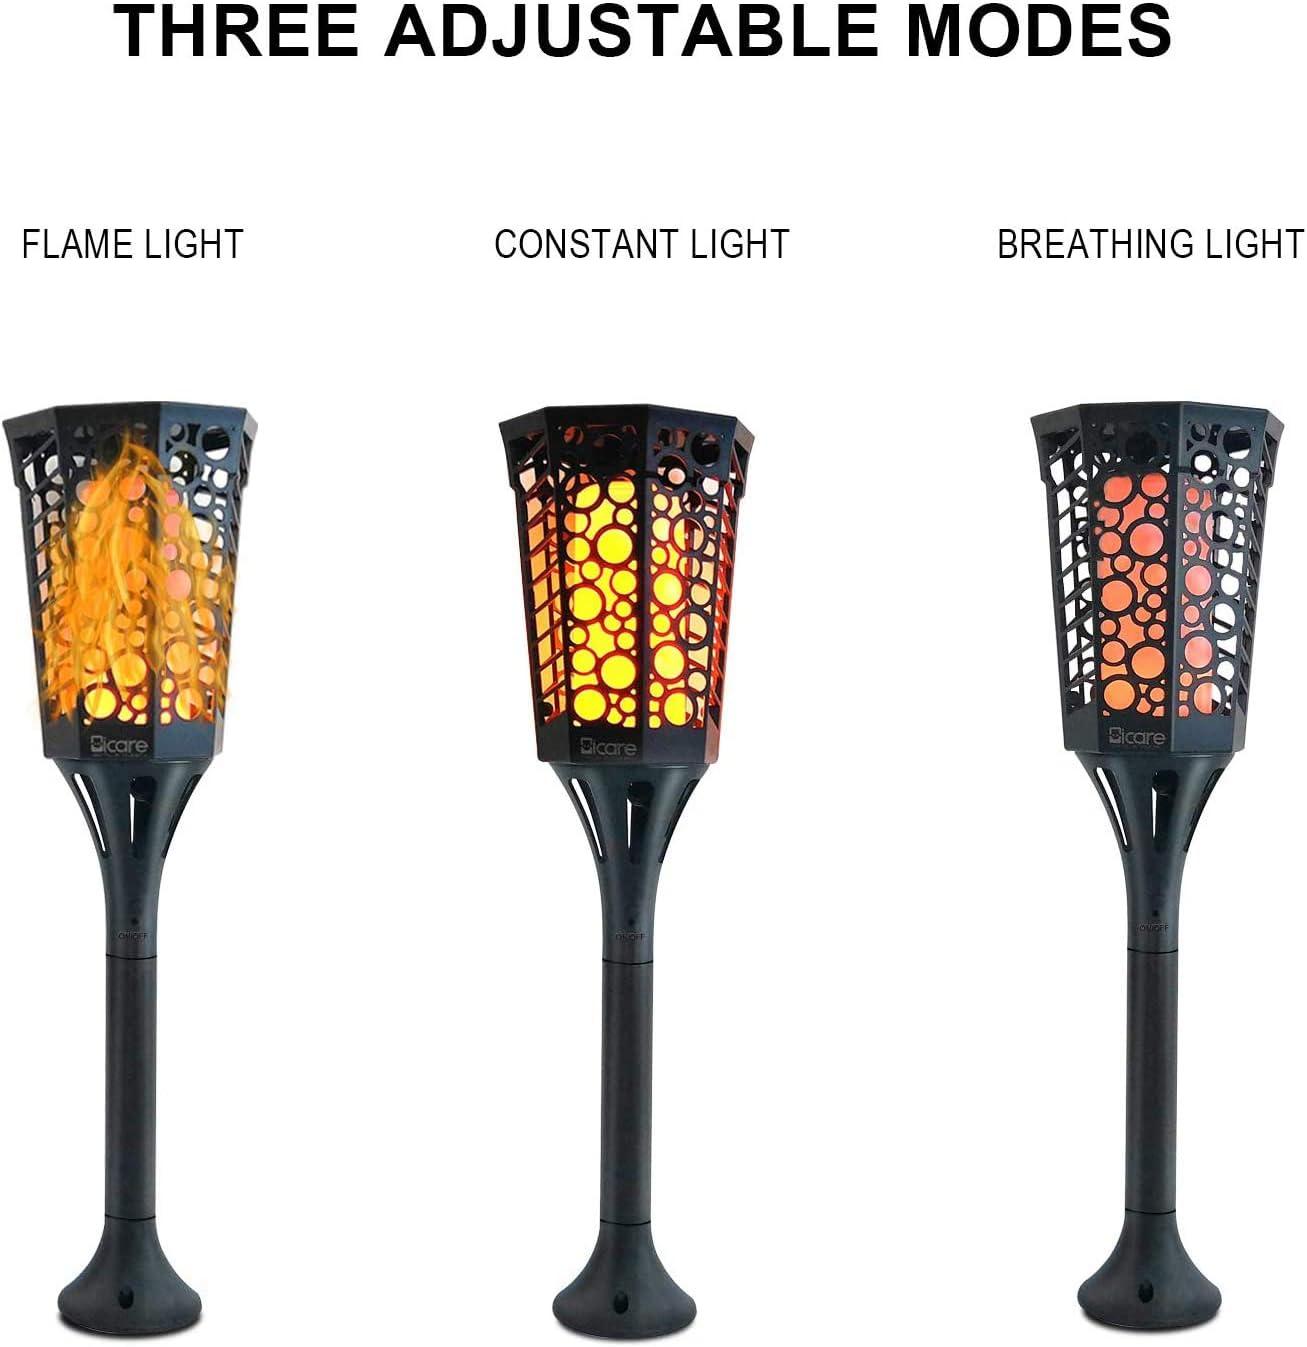 luces de llama solar decoraci/ón solar de encendido y apagado autom/ático para caminos L/ámpara solar de llama l/ámpara de jard/ín impermeable con llama parpadeante con 99 ledes paisaje